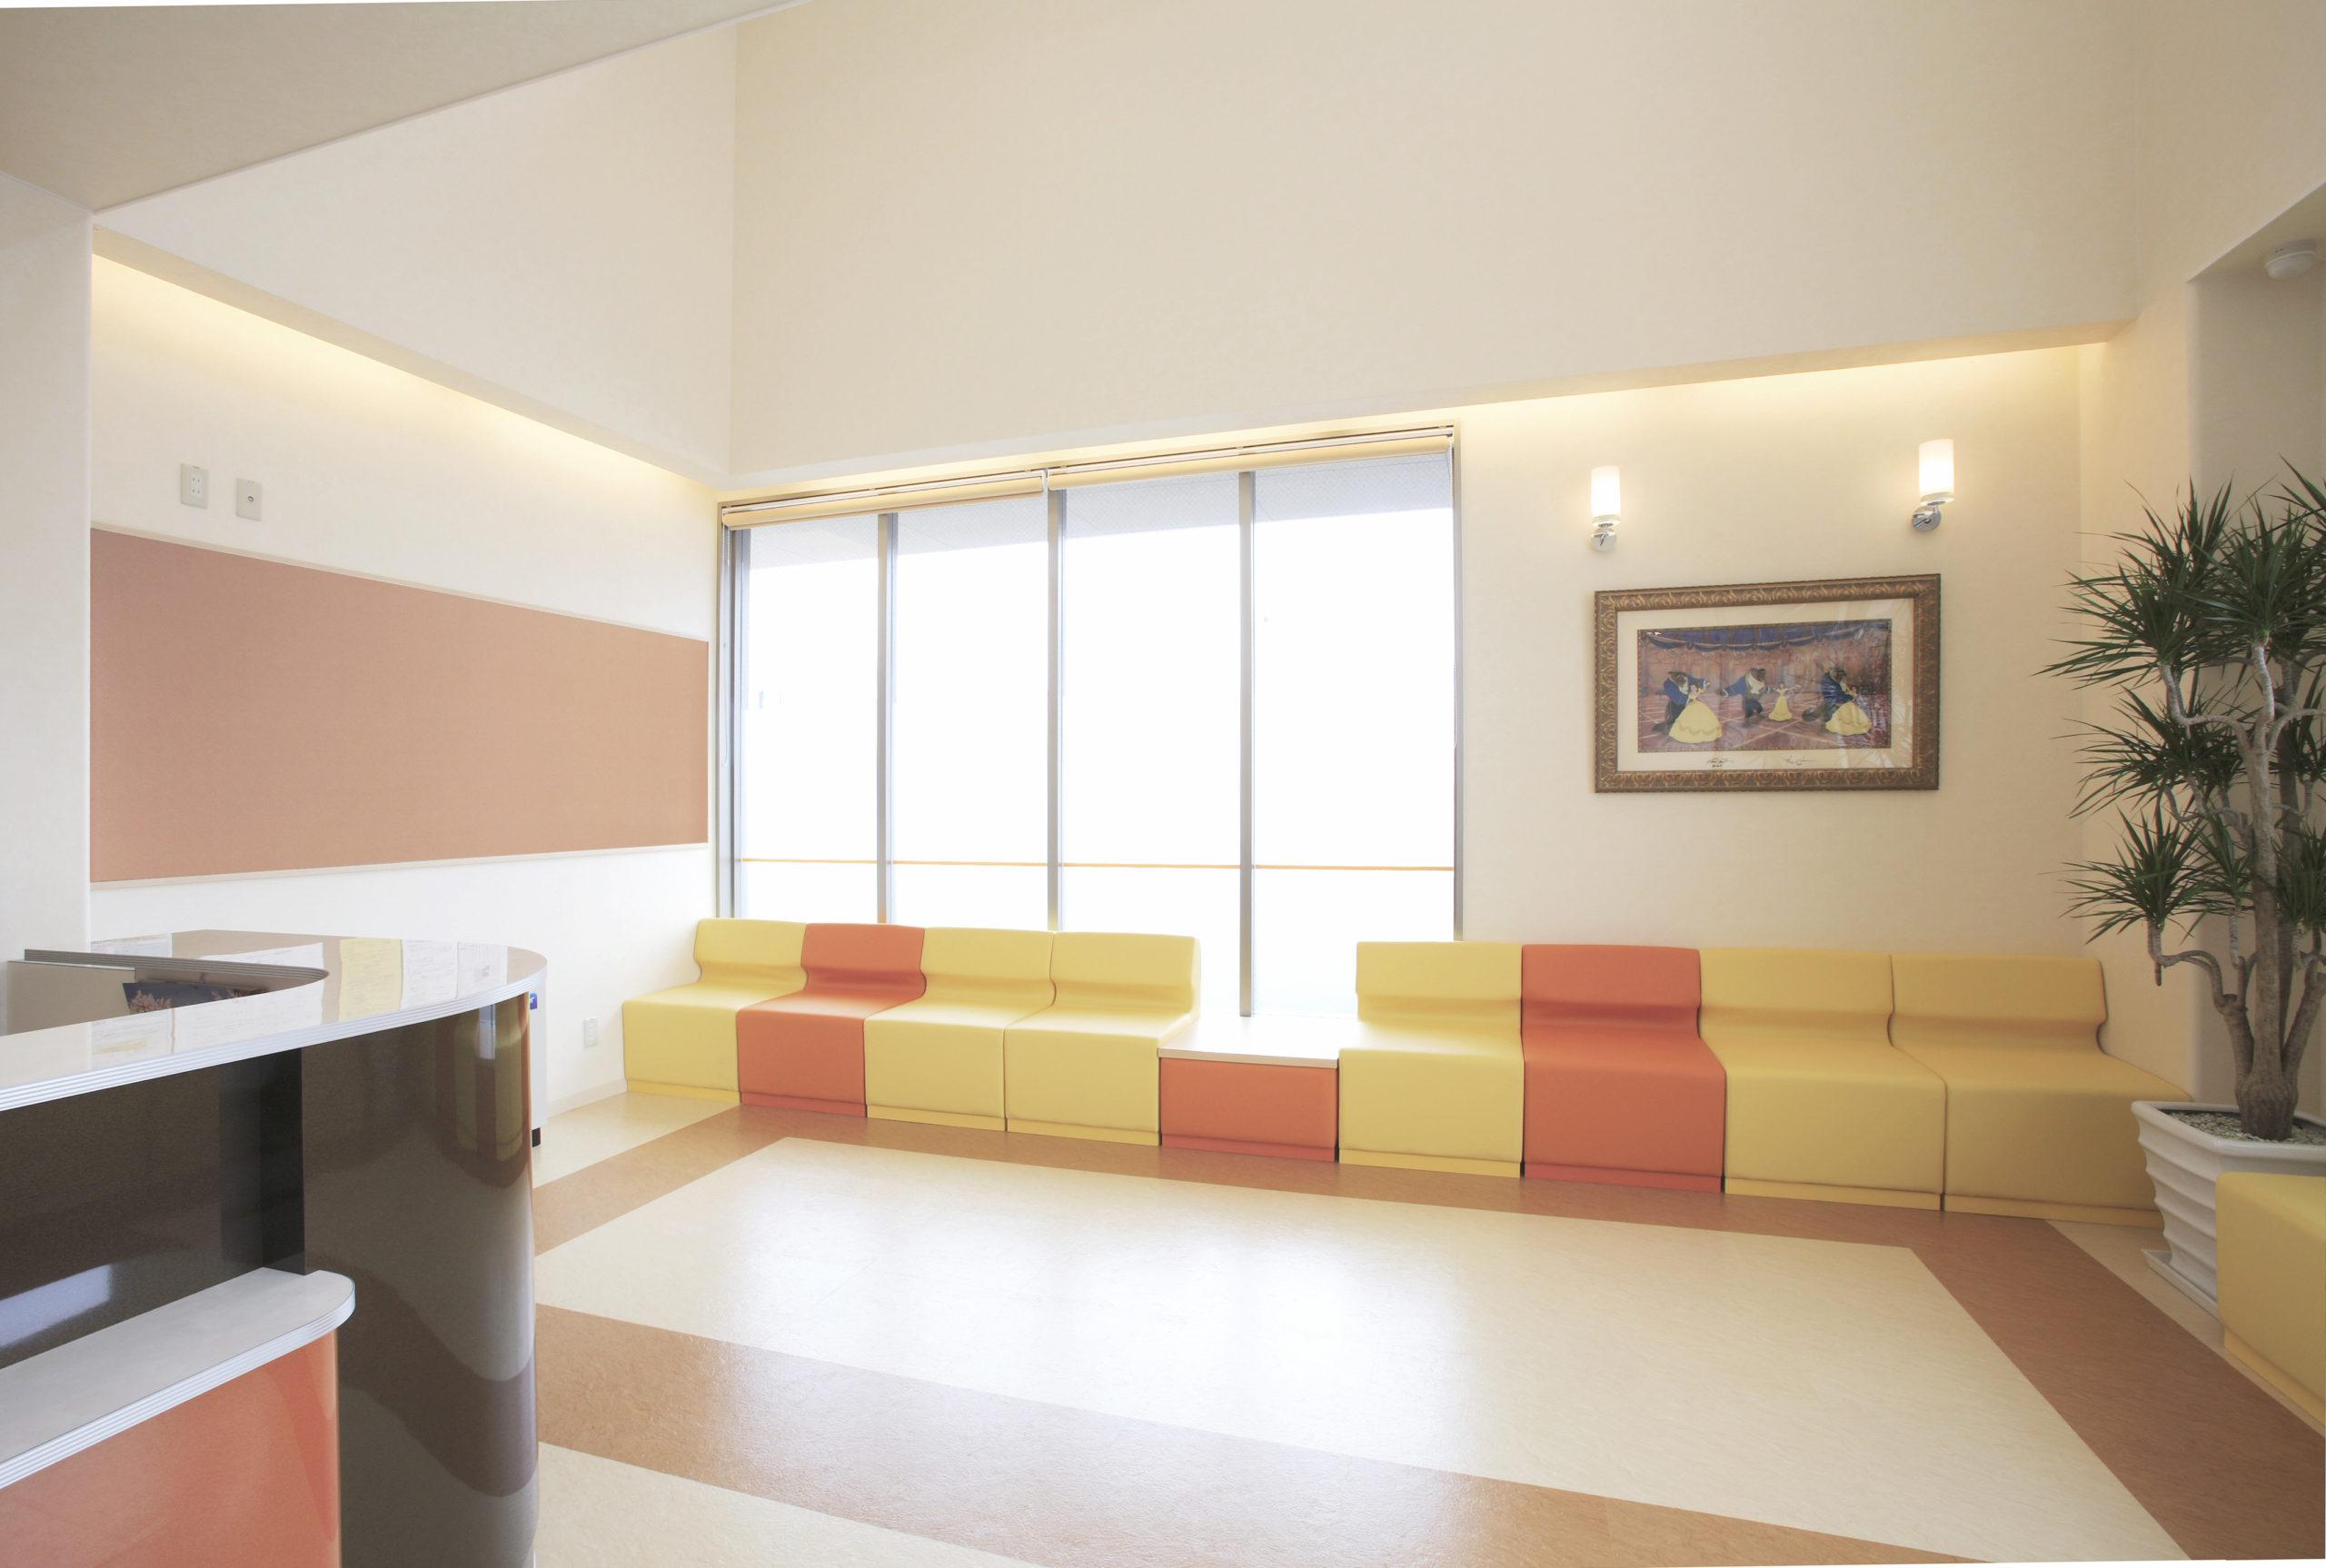 砂山内科クリニック 待合室